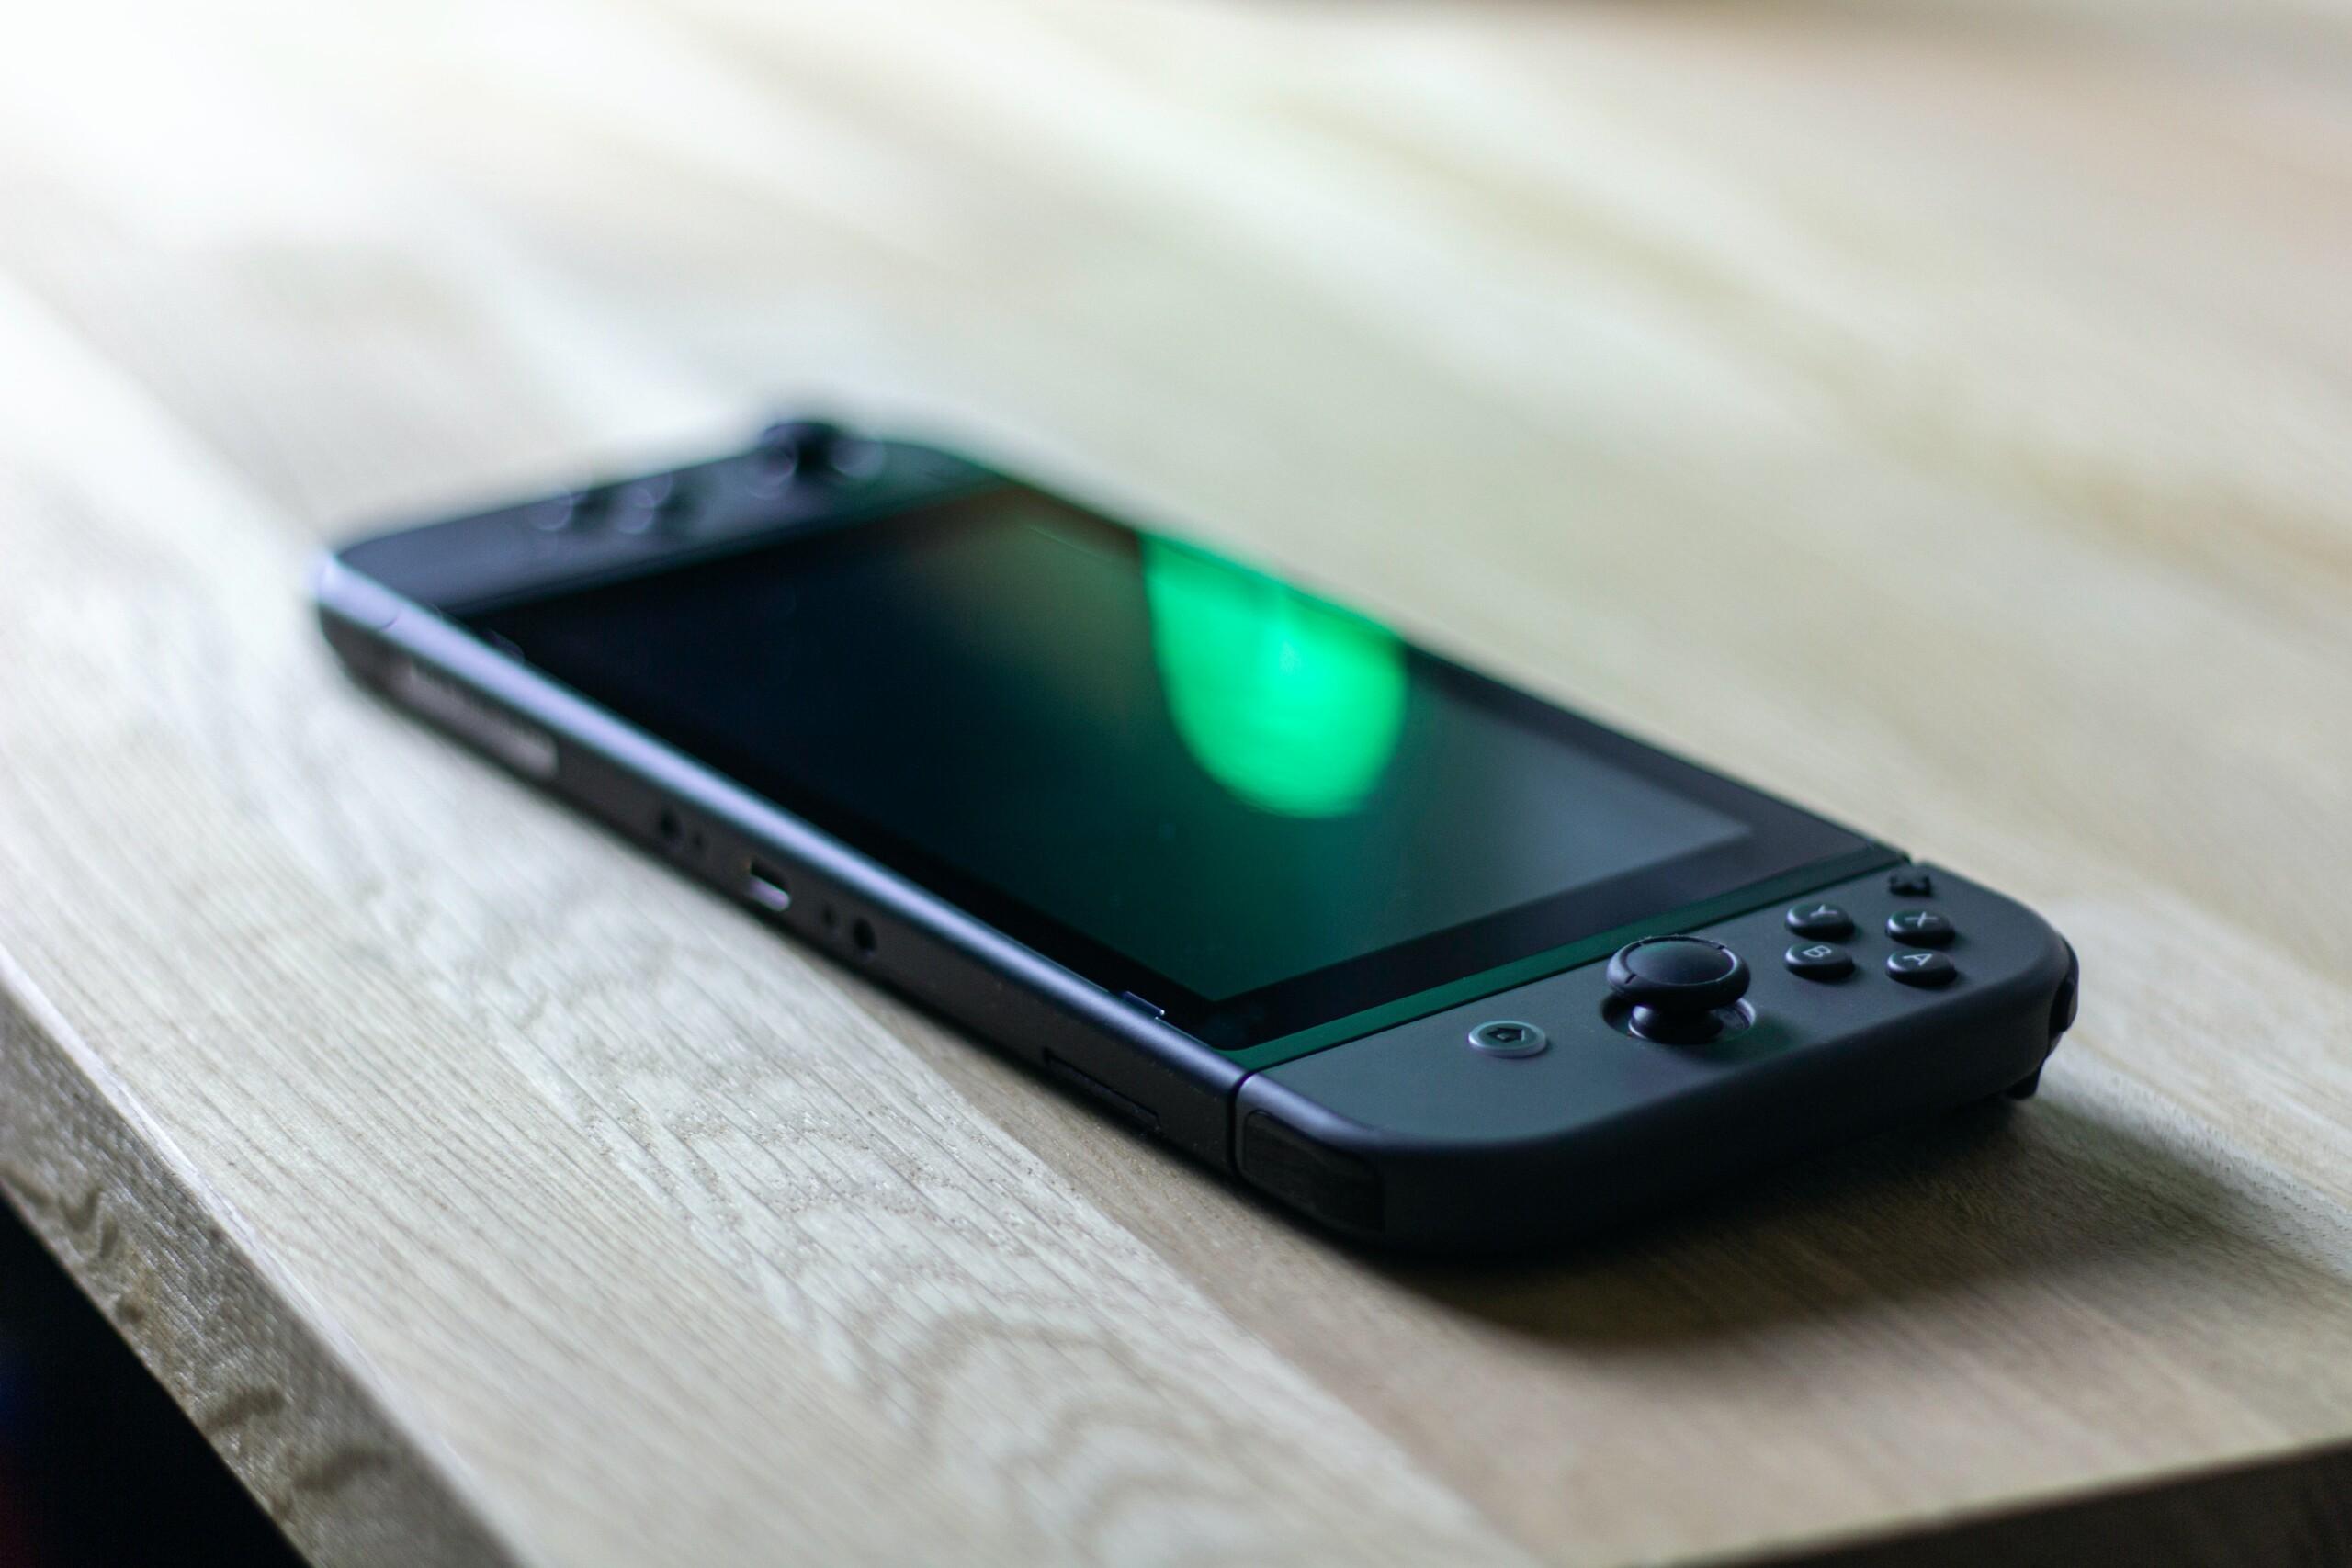 Le Tegra X1+ est trop vieux, Nvidia mettrait la pression sur Nintendo pour faire évoluer sa Switch - Frandroid